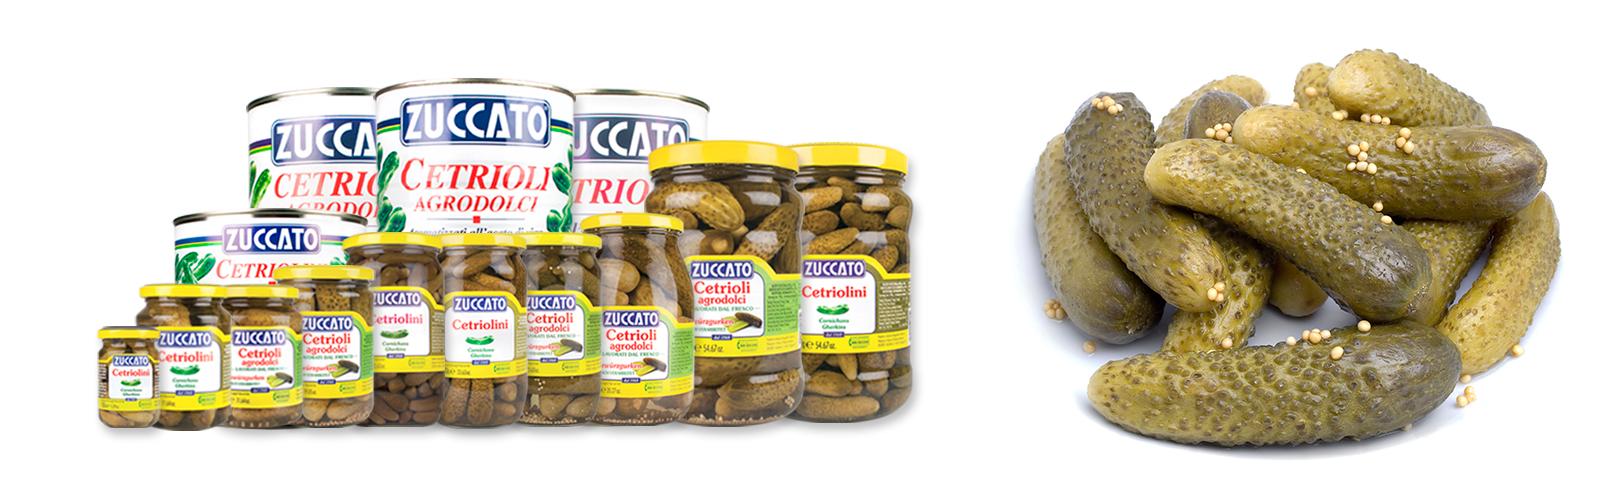 Cetrioli Zuccato